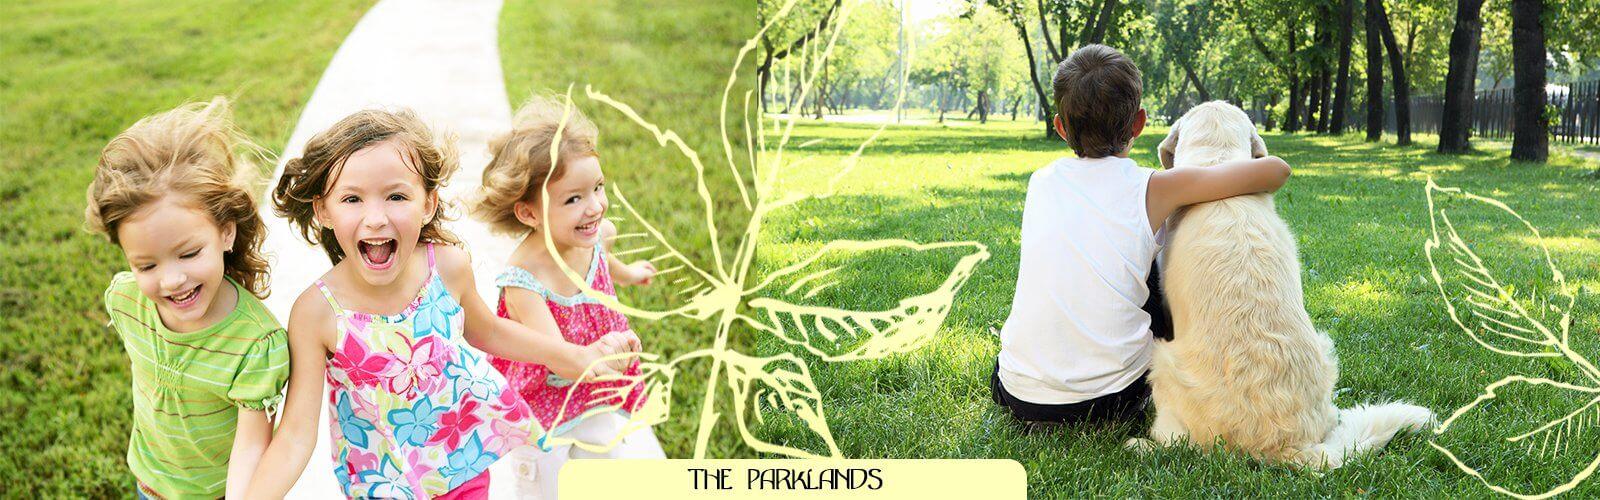 The parklands are located near Prema